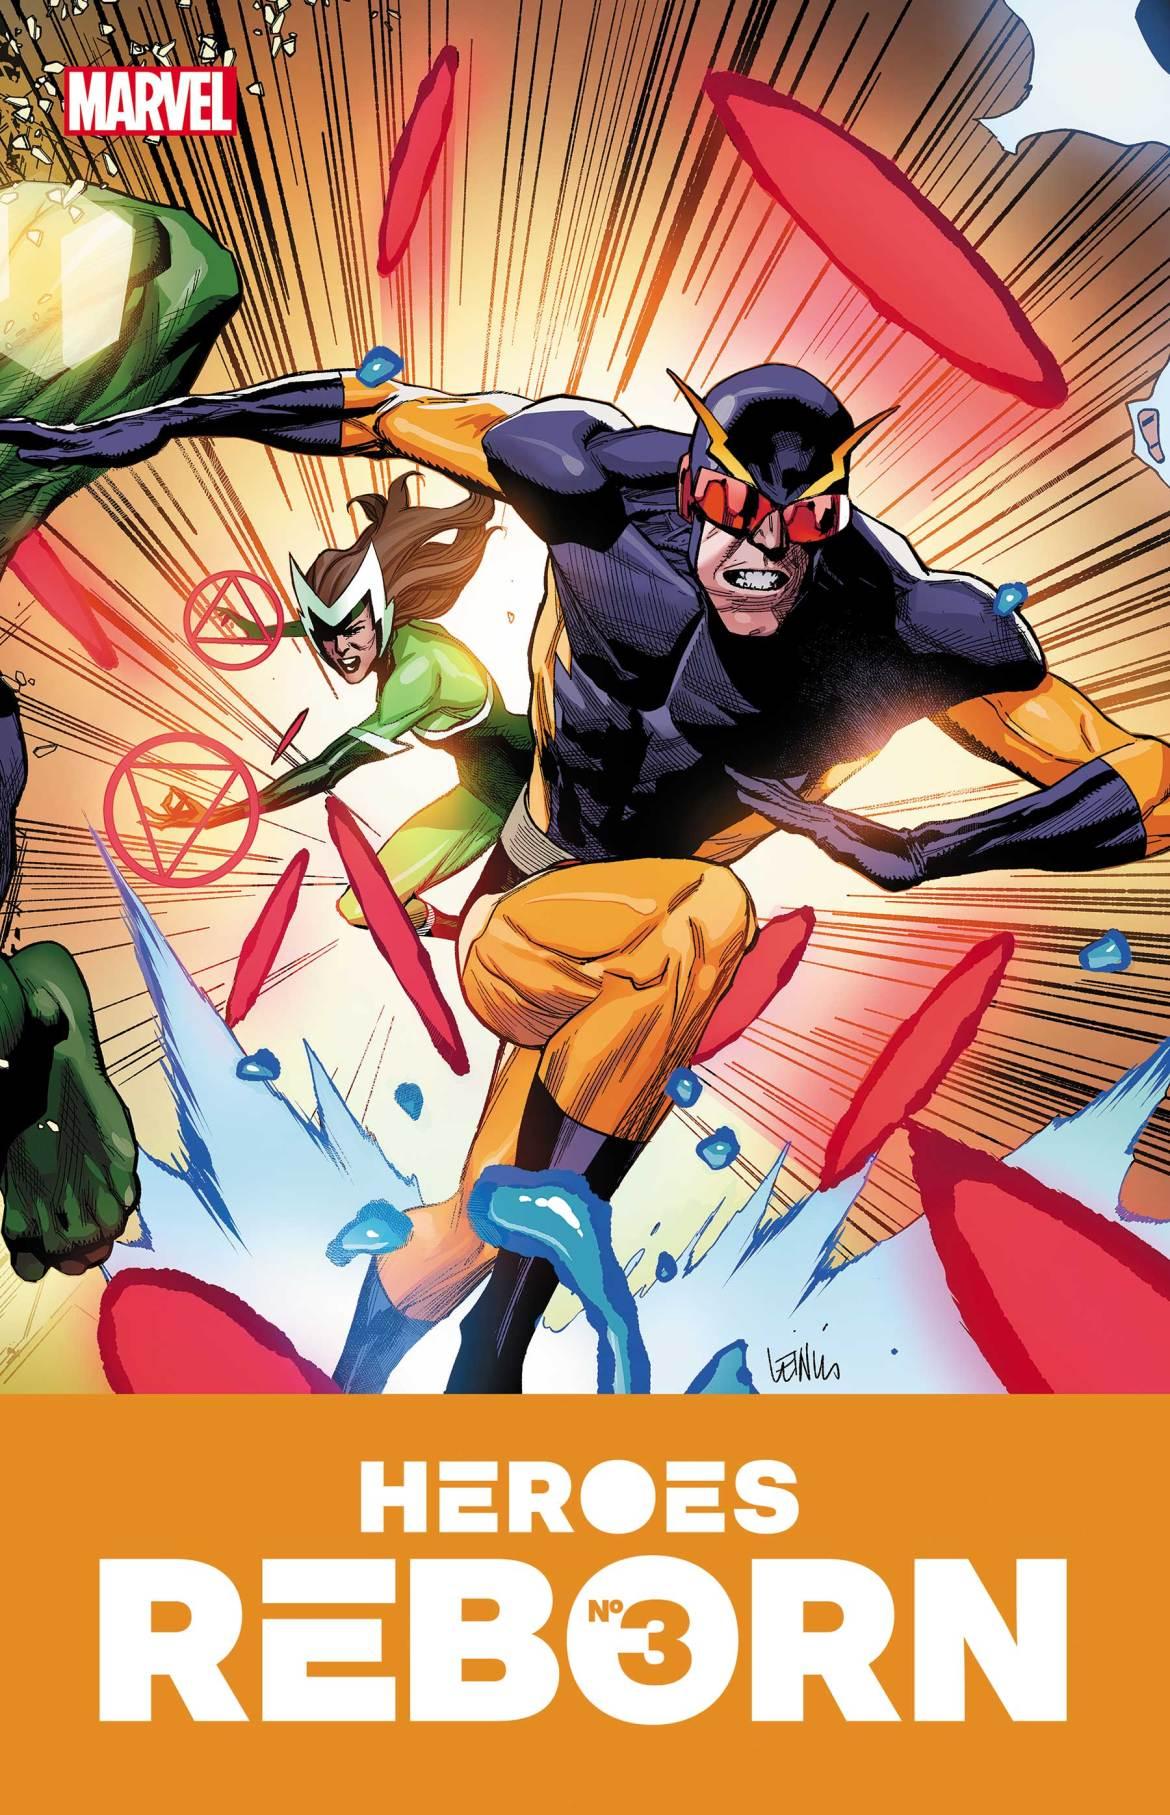 HEROESREBORN2021003 Marvel Comics May 2021 Solicitations